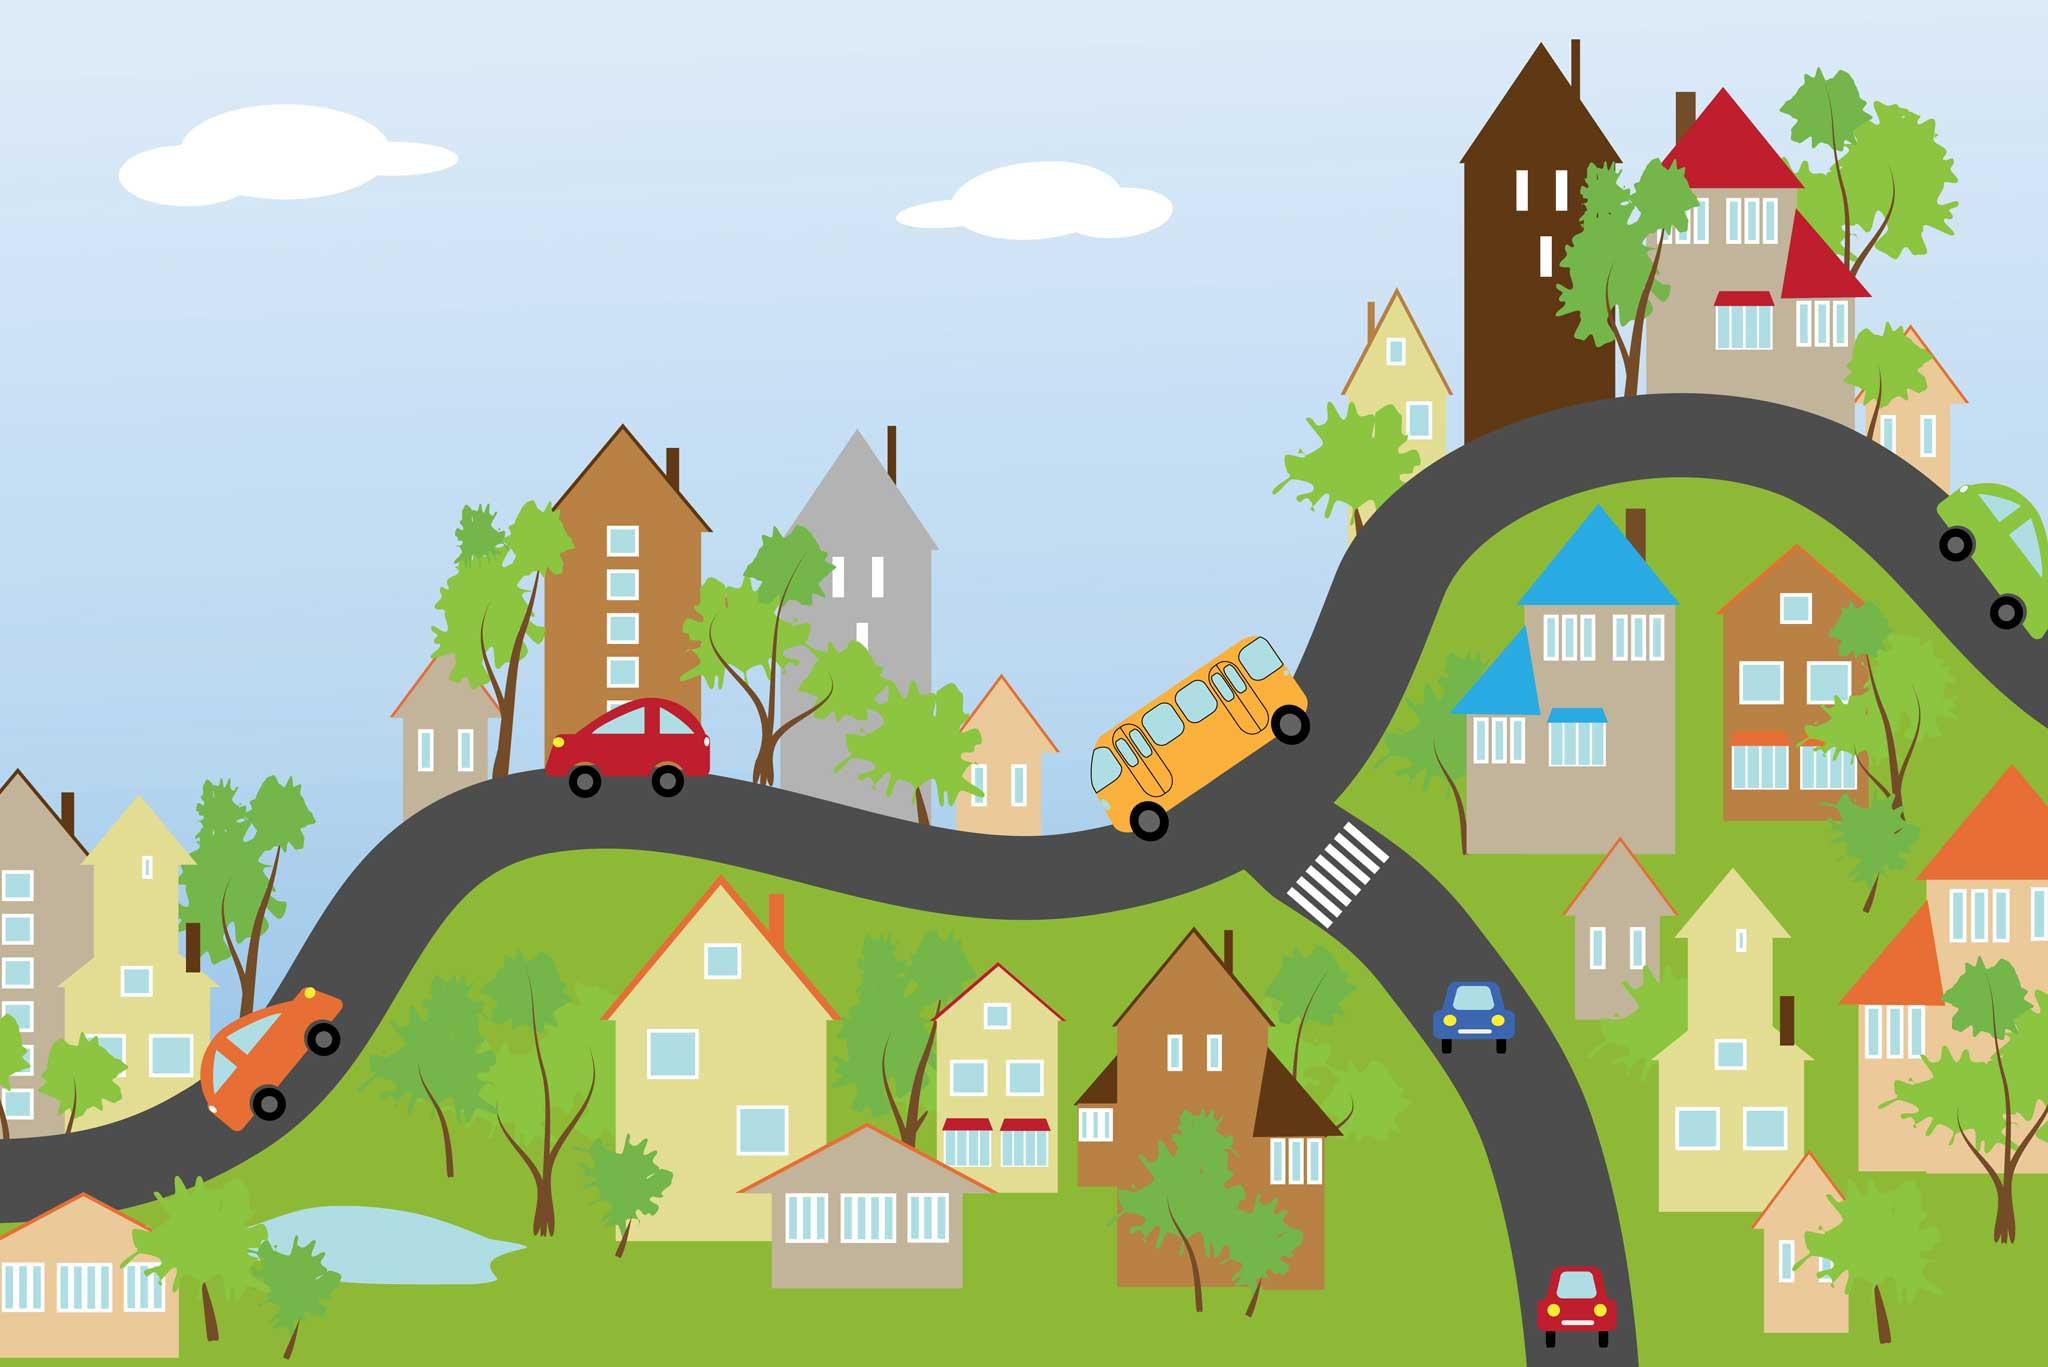 tapet-fototapet-design-decor-mural-customizabil-comanda-personalizat-bucuresti-daring-prints-motiv-model-copii-desen-oras-dealuri-case-masini-multicolor